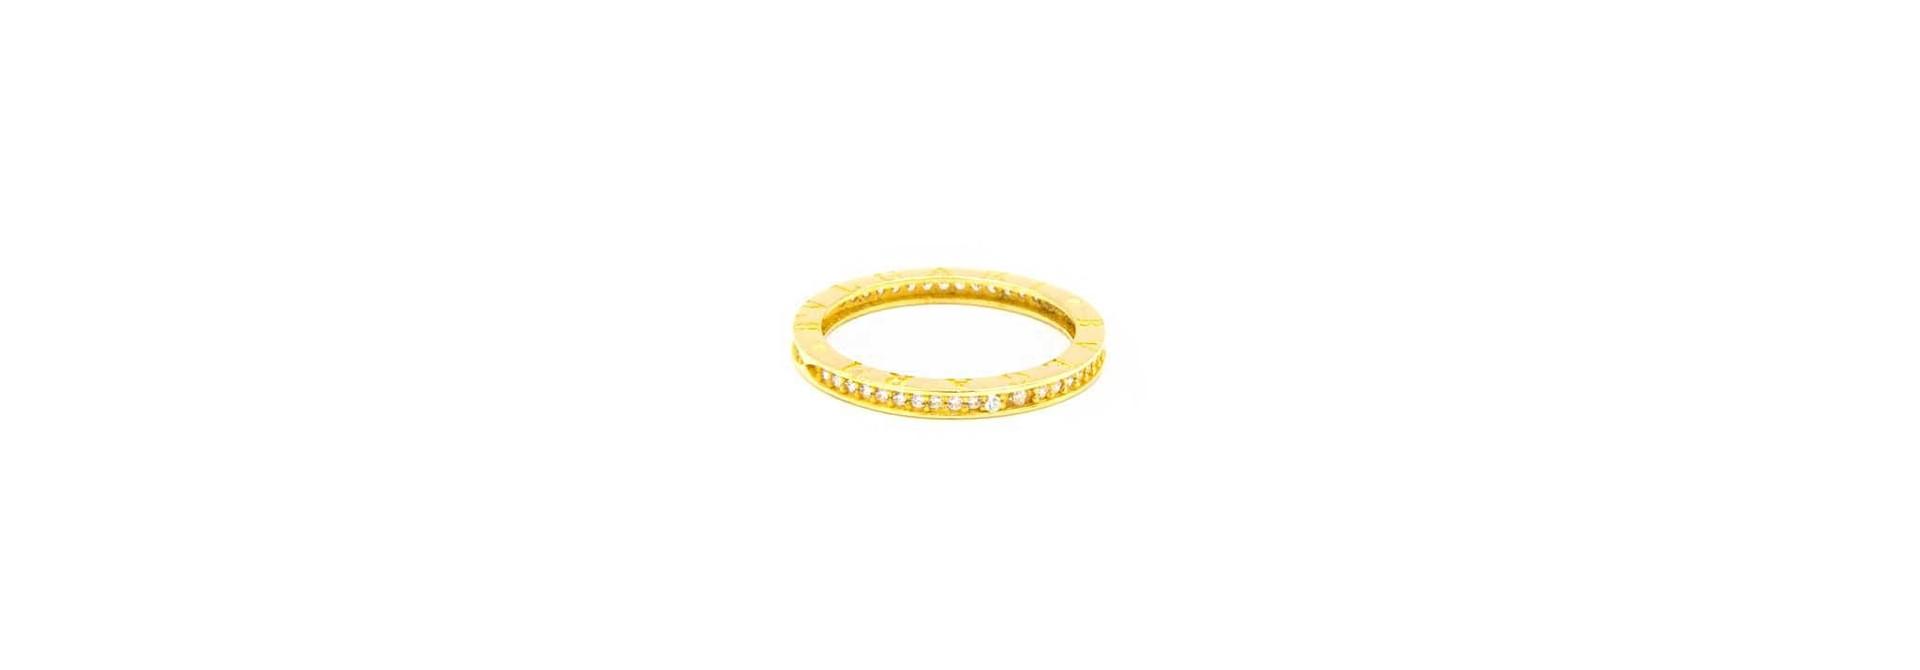 Ring met aan zijkanten tekst en zirkonia's